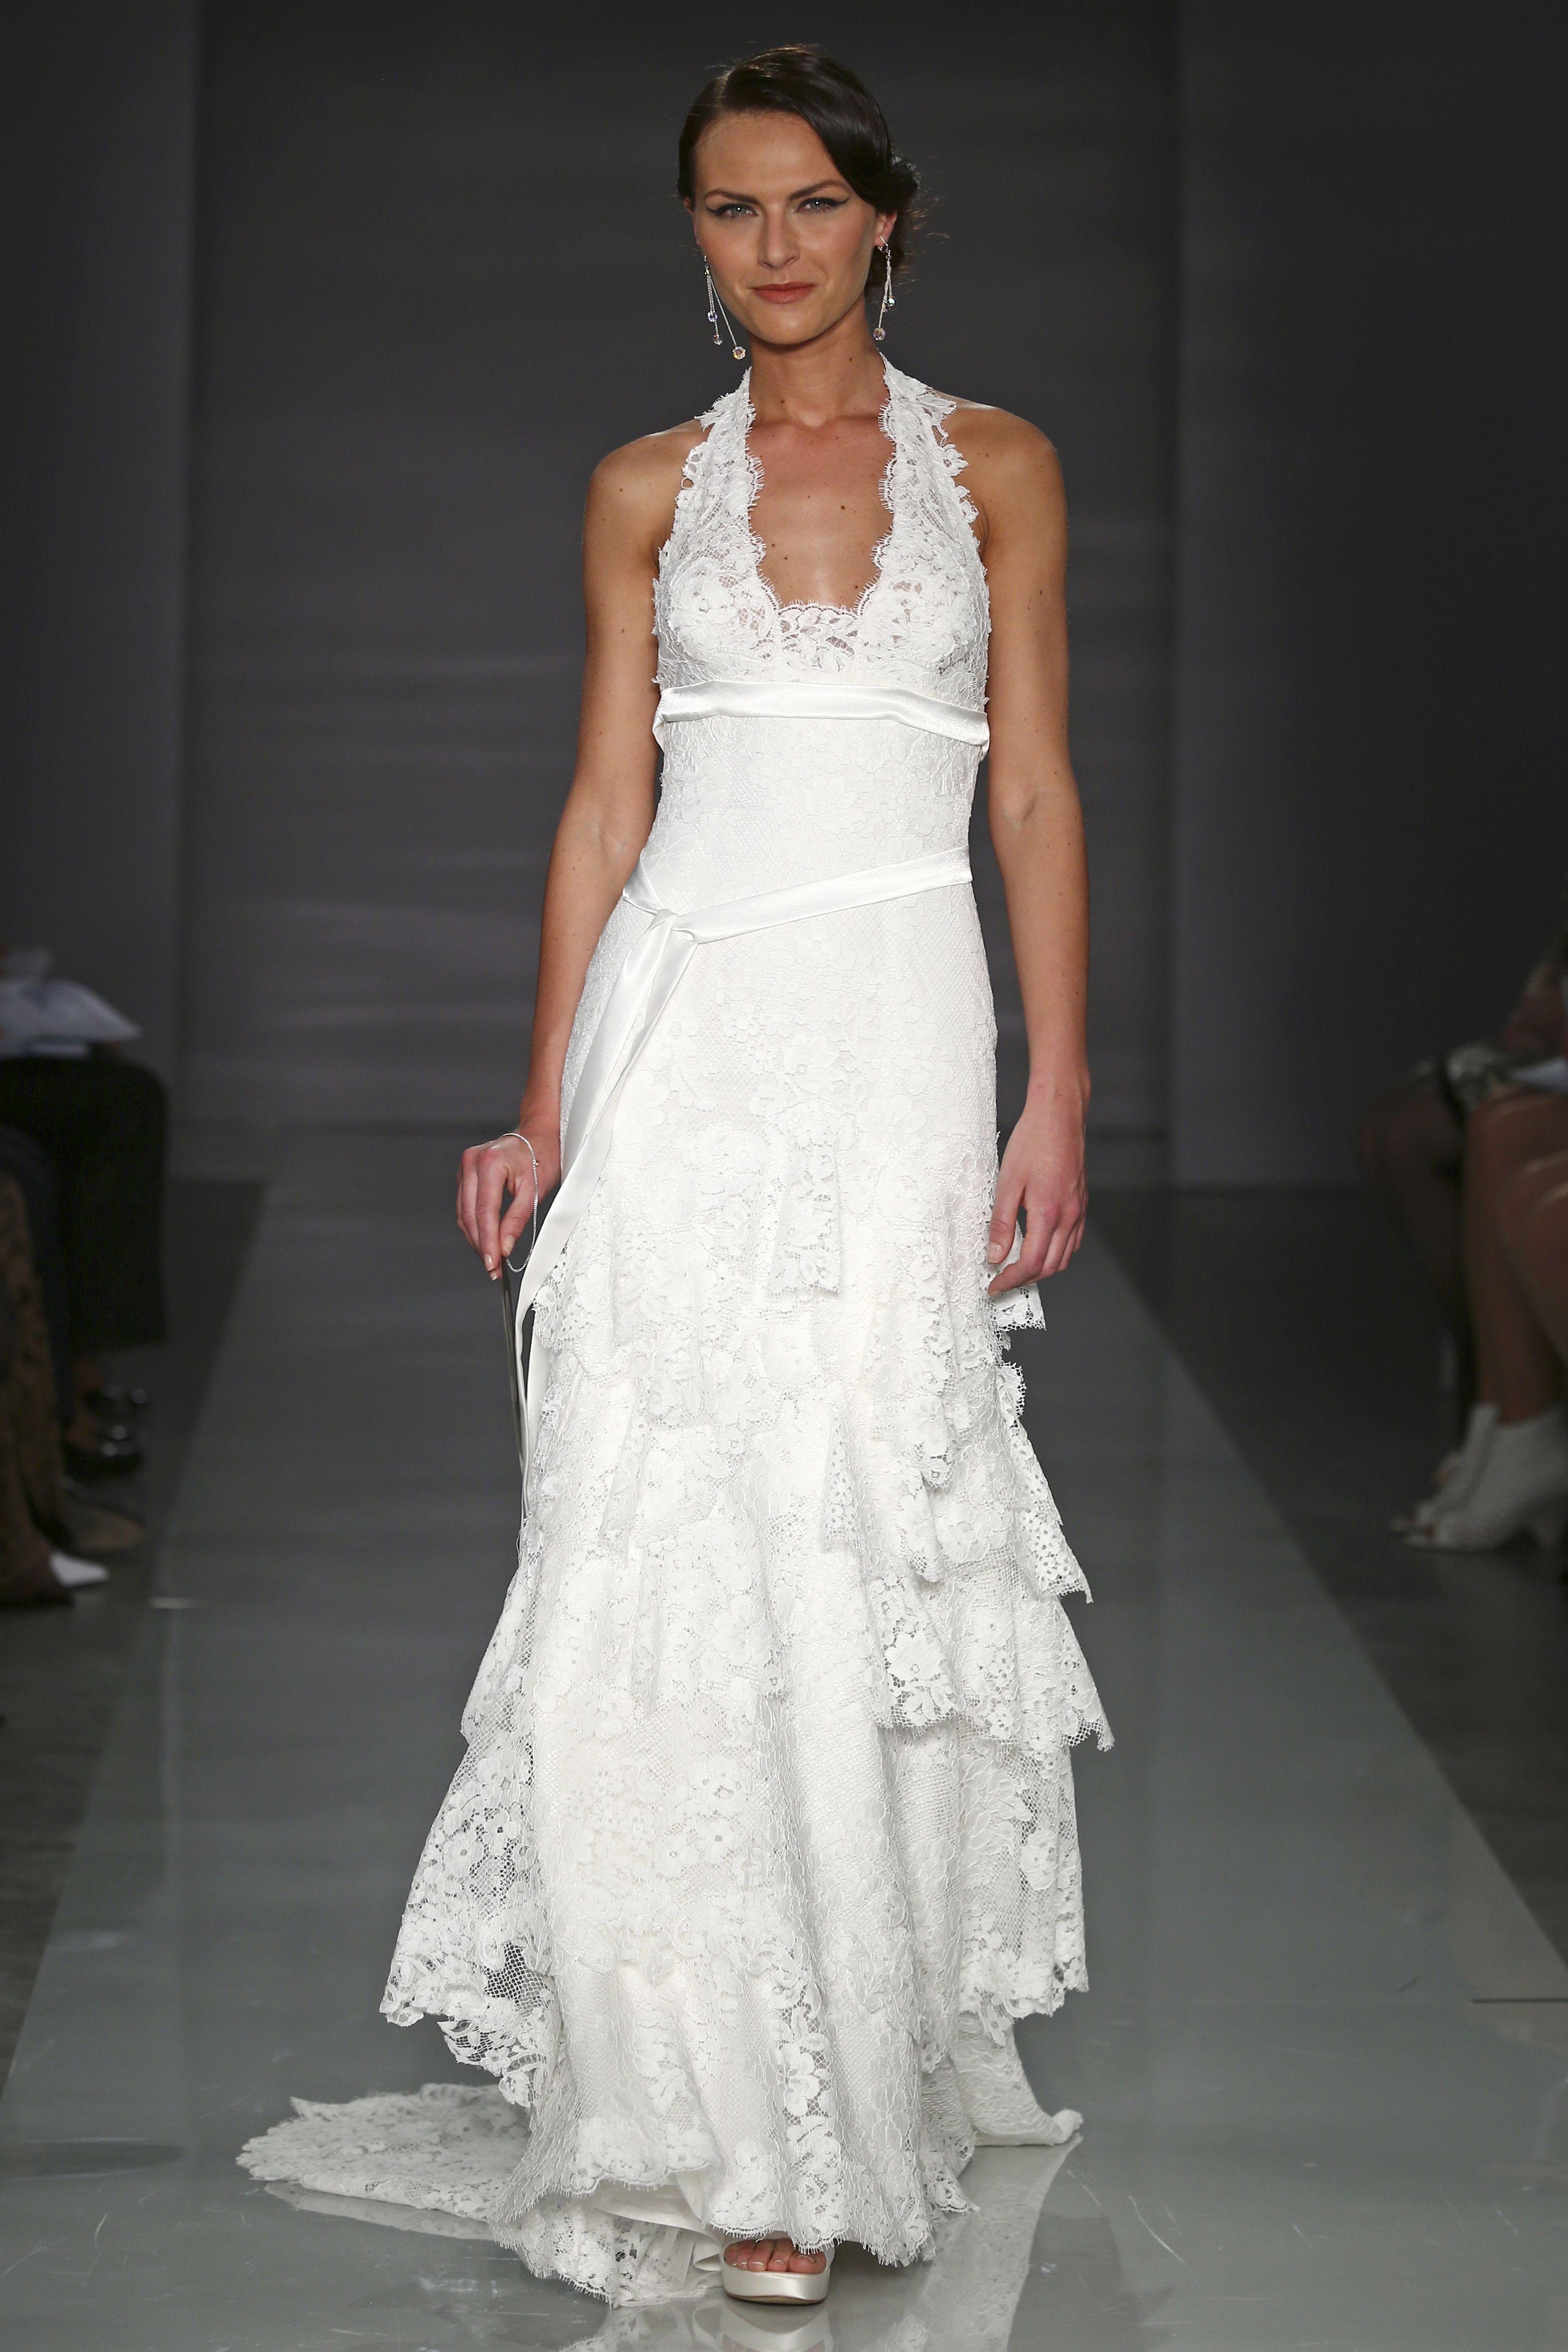 HERMINA - Wedding Dresses - Cymbeline - Weddingspot.co.uk | Wedding ...